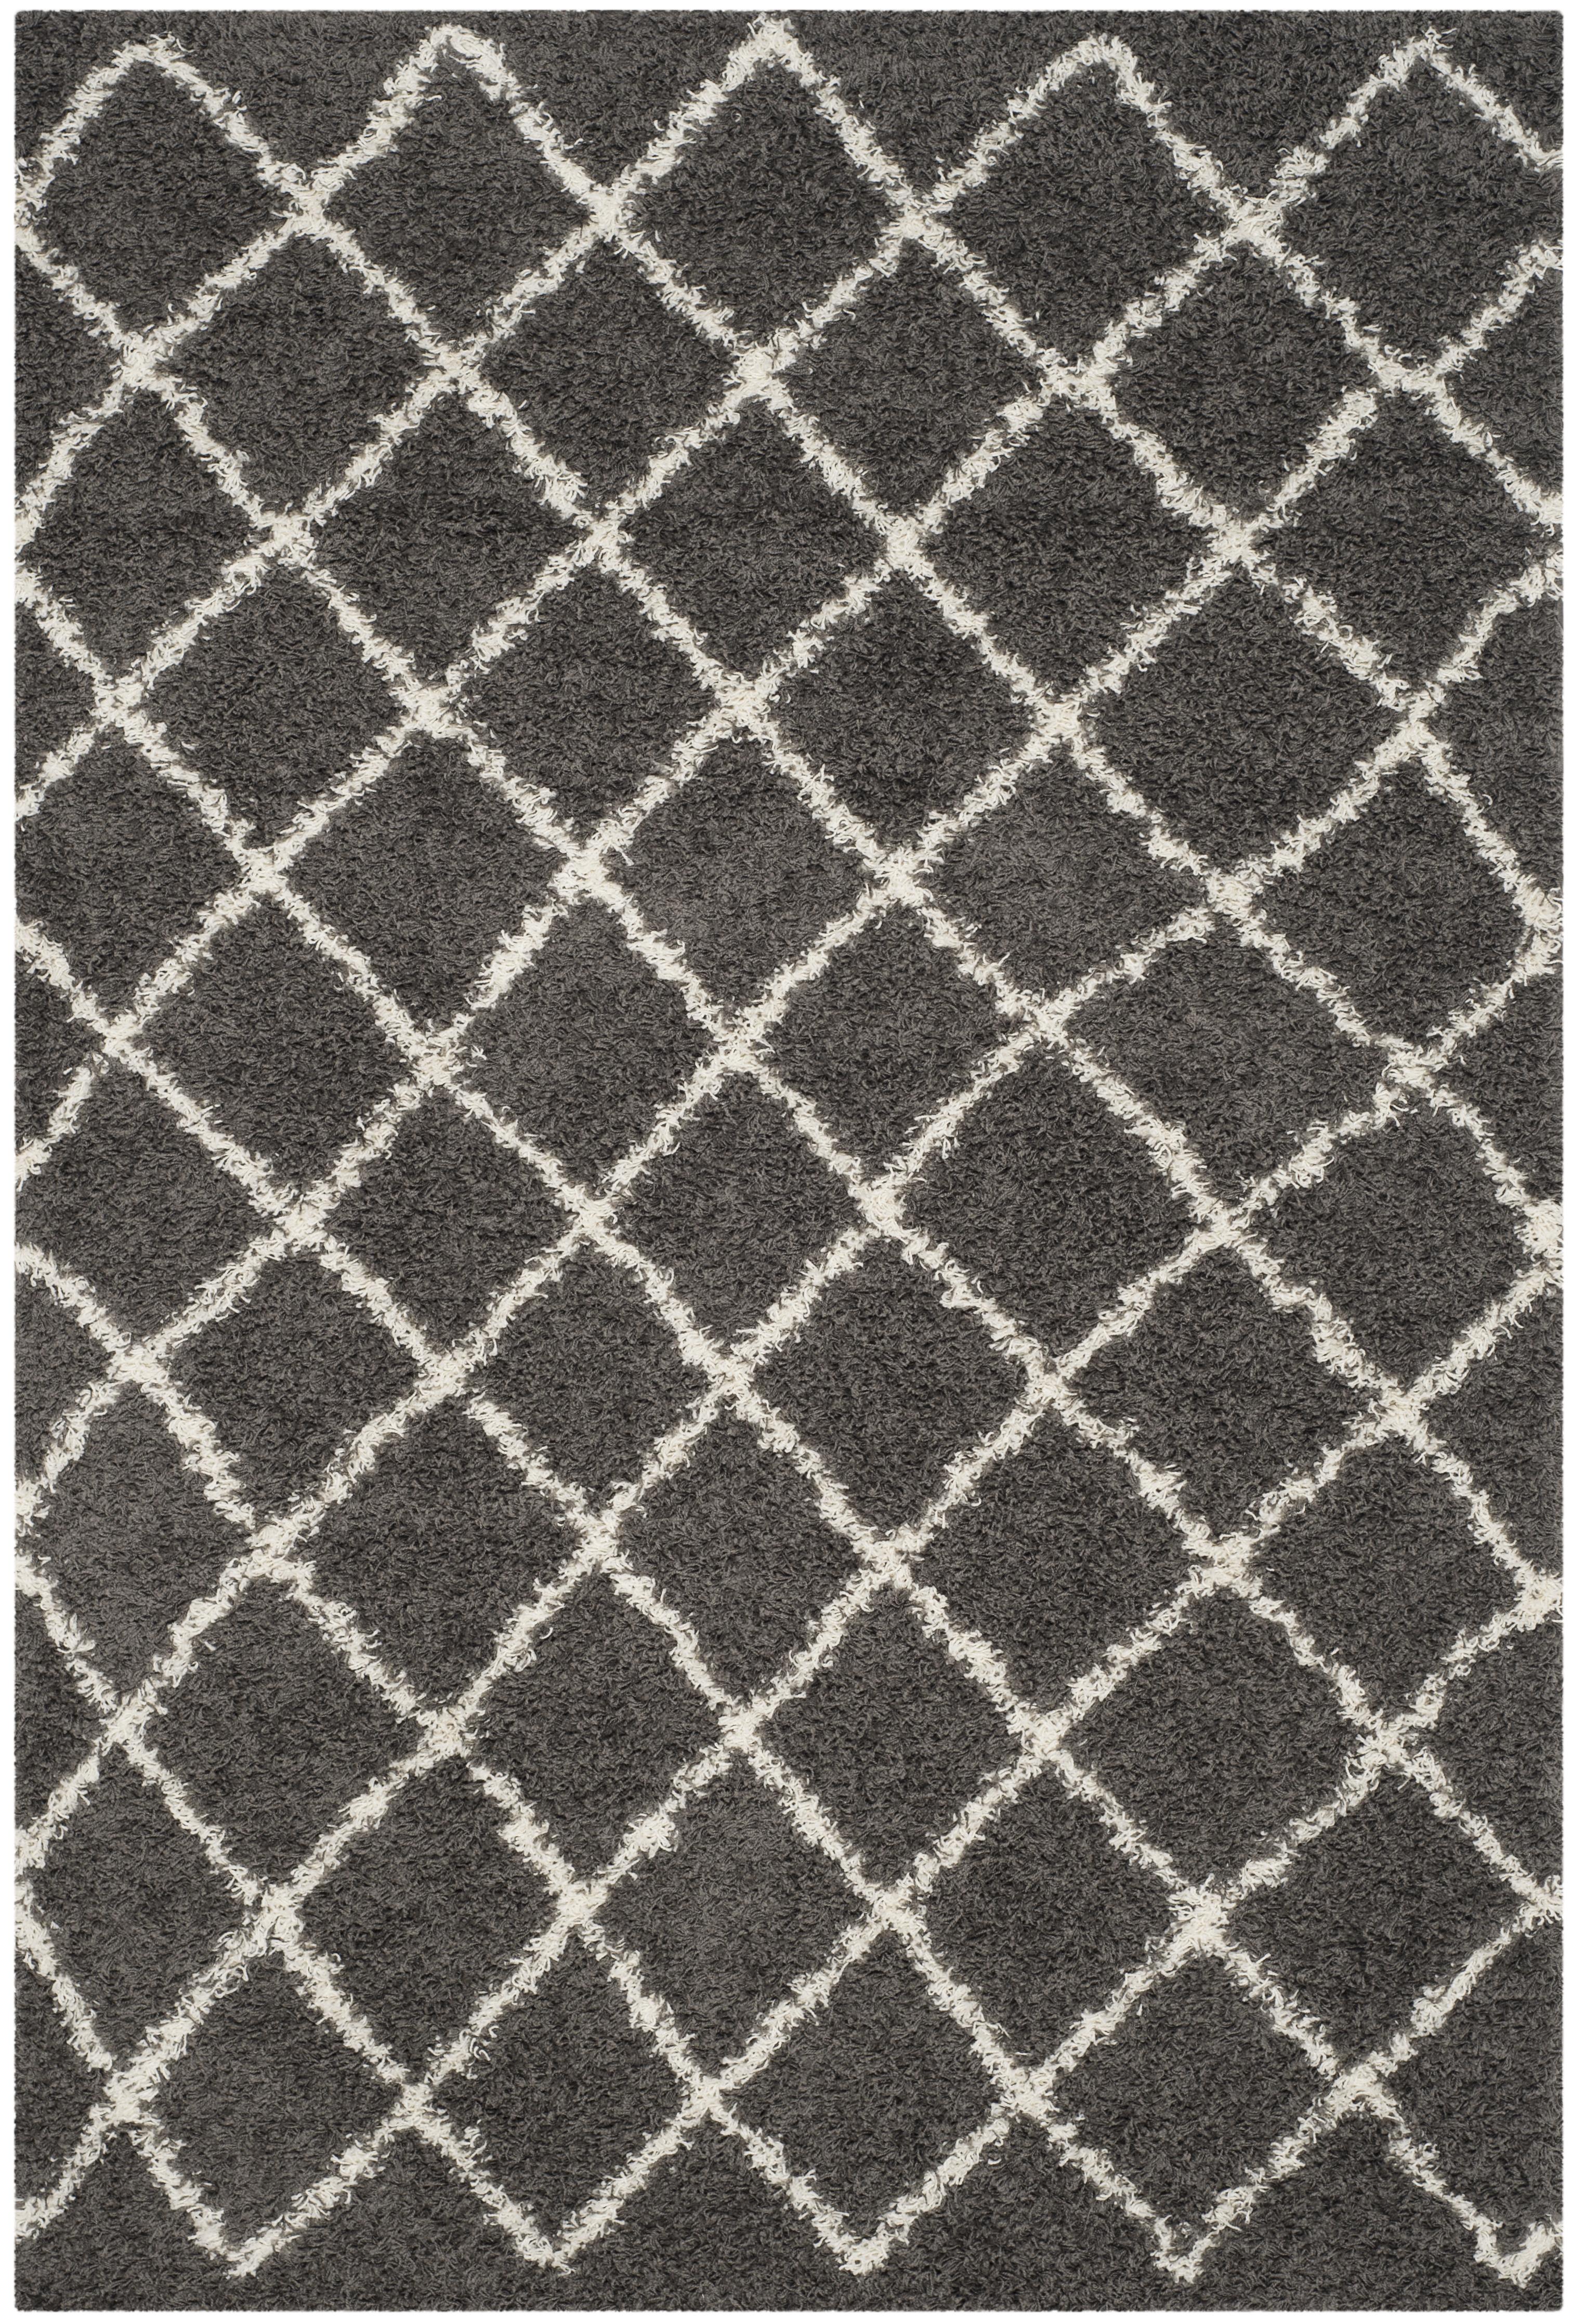 Tapis de salon contemporain  gris foncé et ivoire 182x274